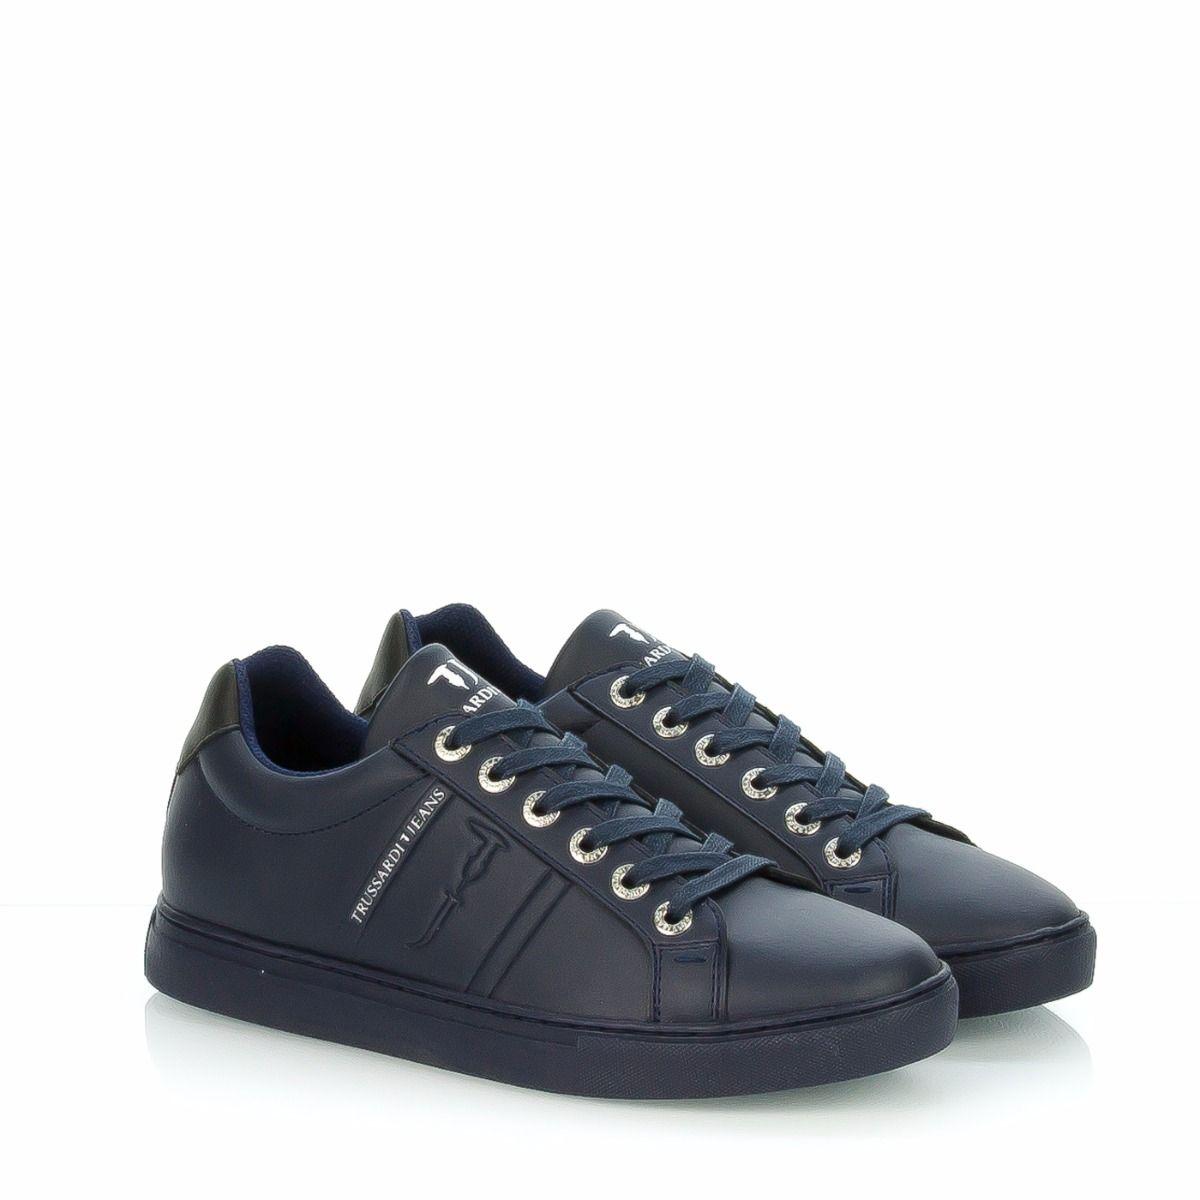 Sneakers bassa da uomo 77A00004 U699 TRUSSARDI JEANS in pelle blu ... 93460edbb67